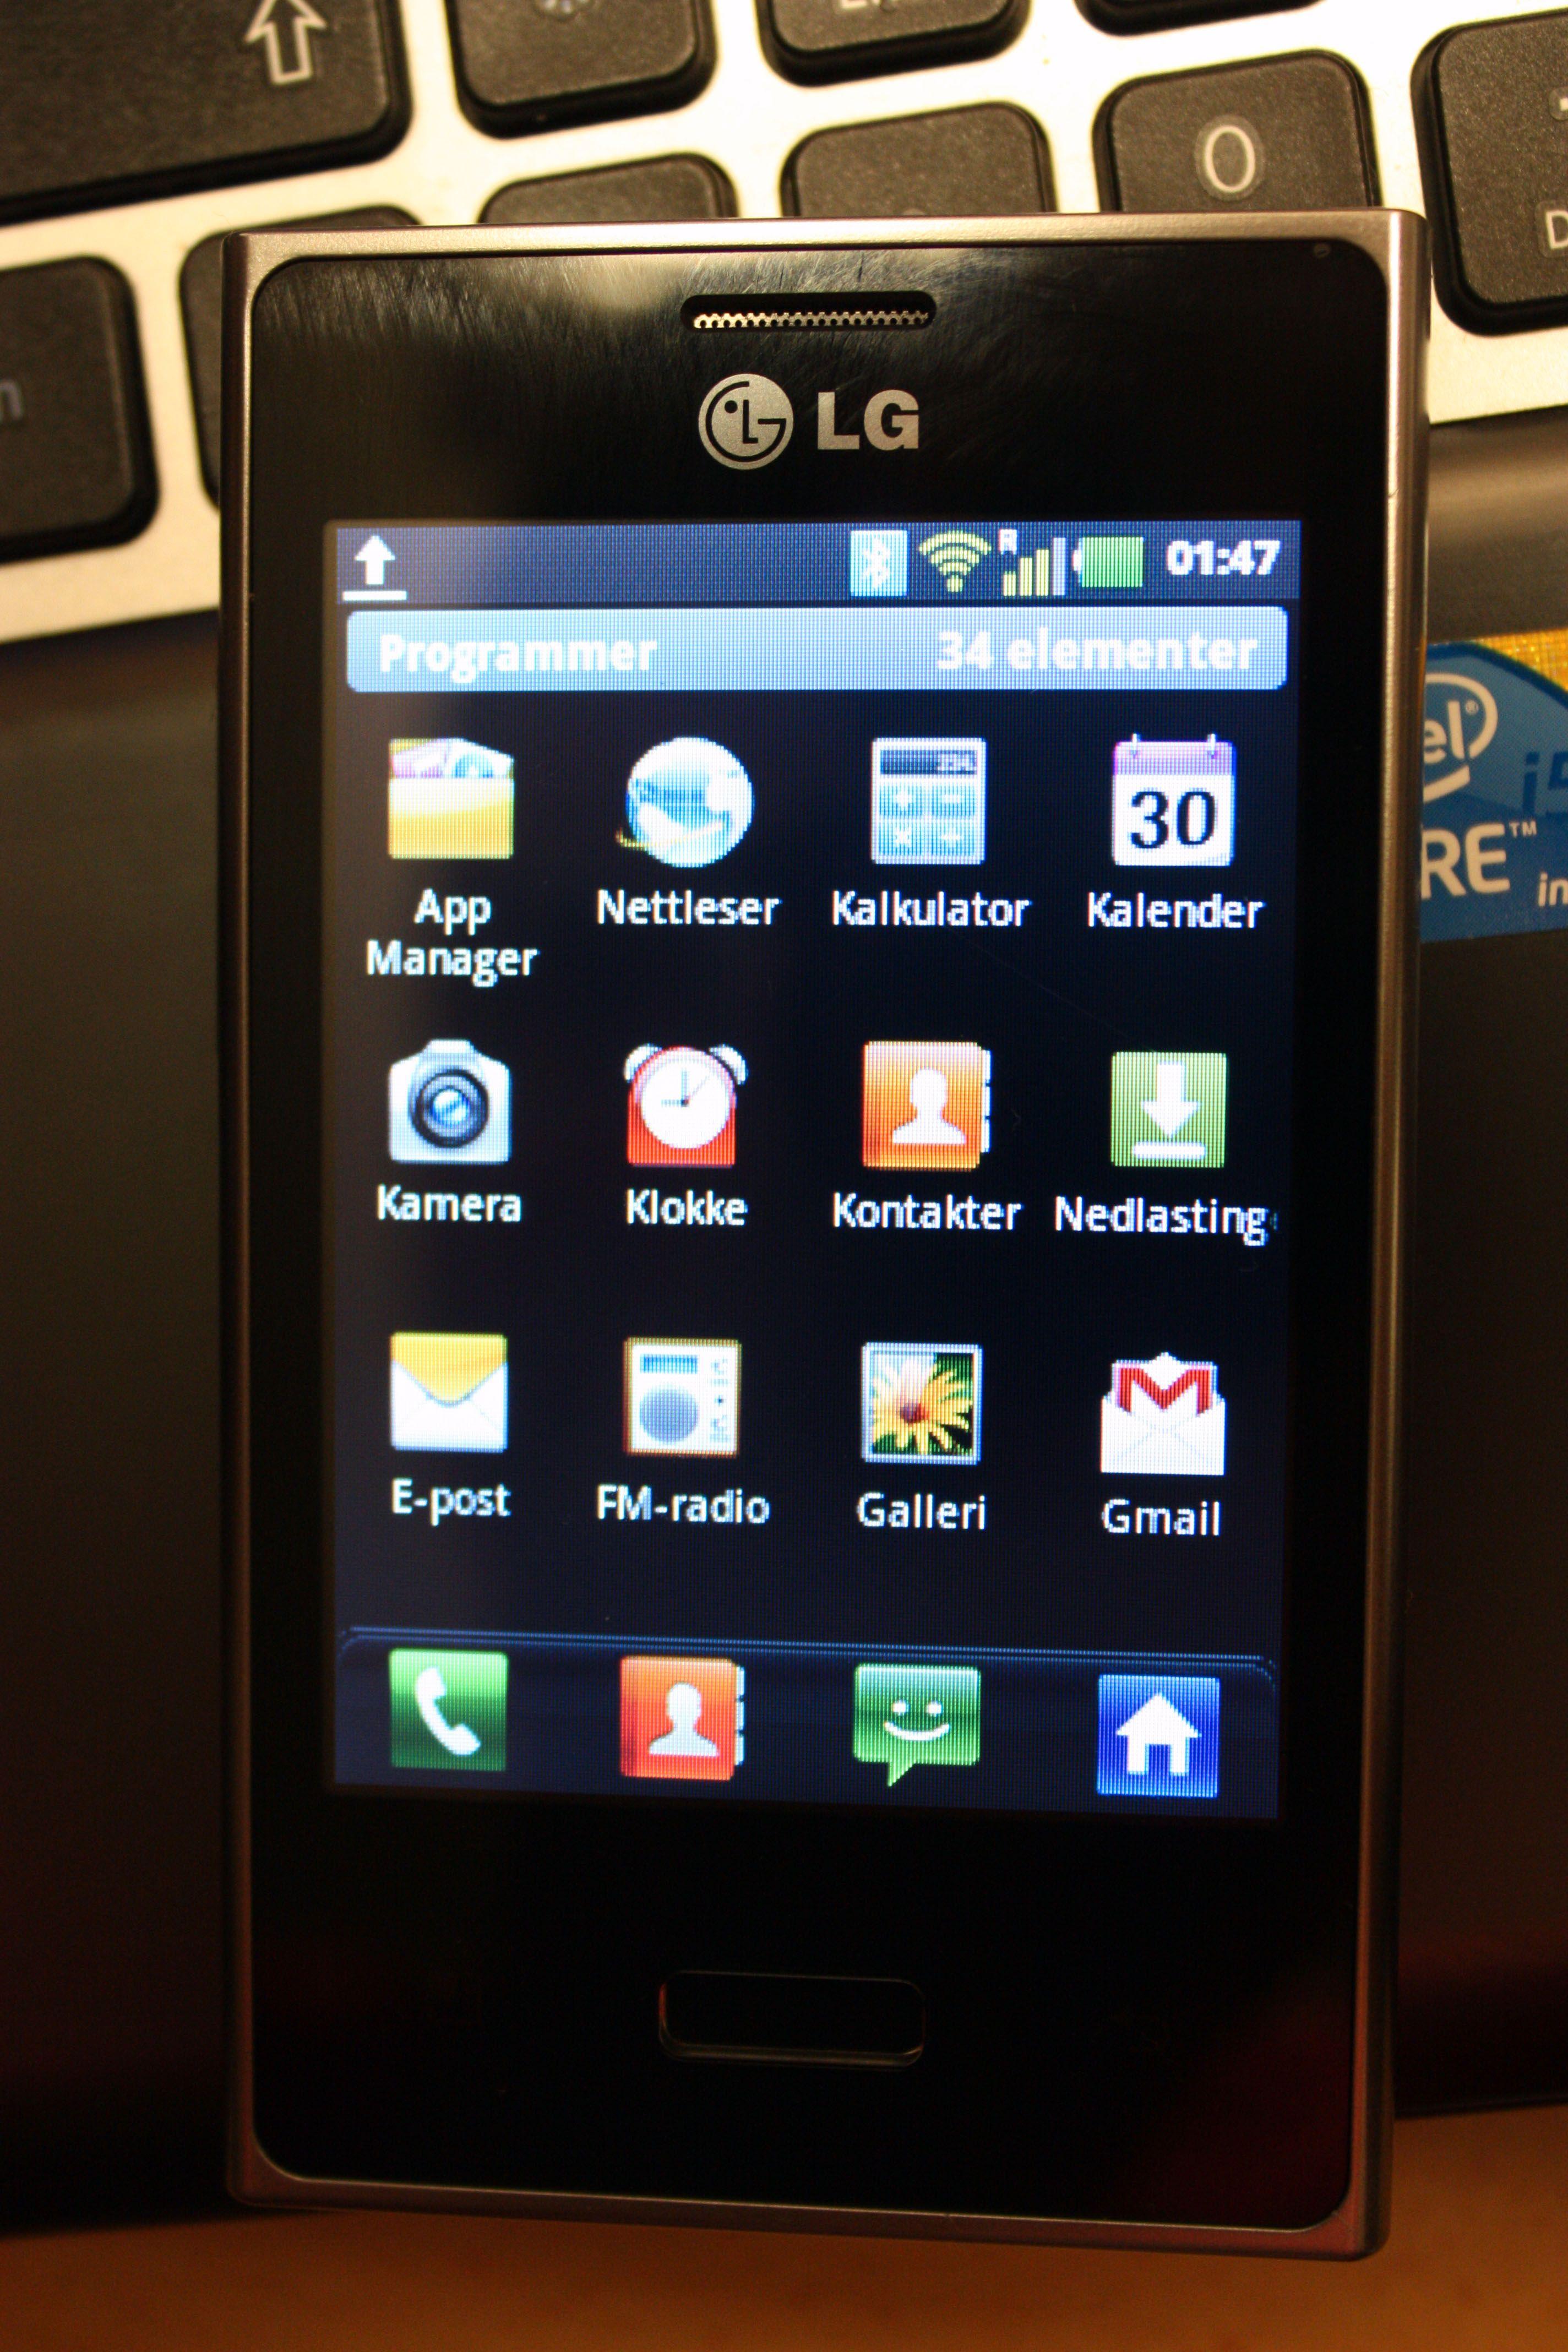 Menysystemet er ganske likt det vi ser mange av dagens Android-telefoner.